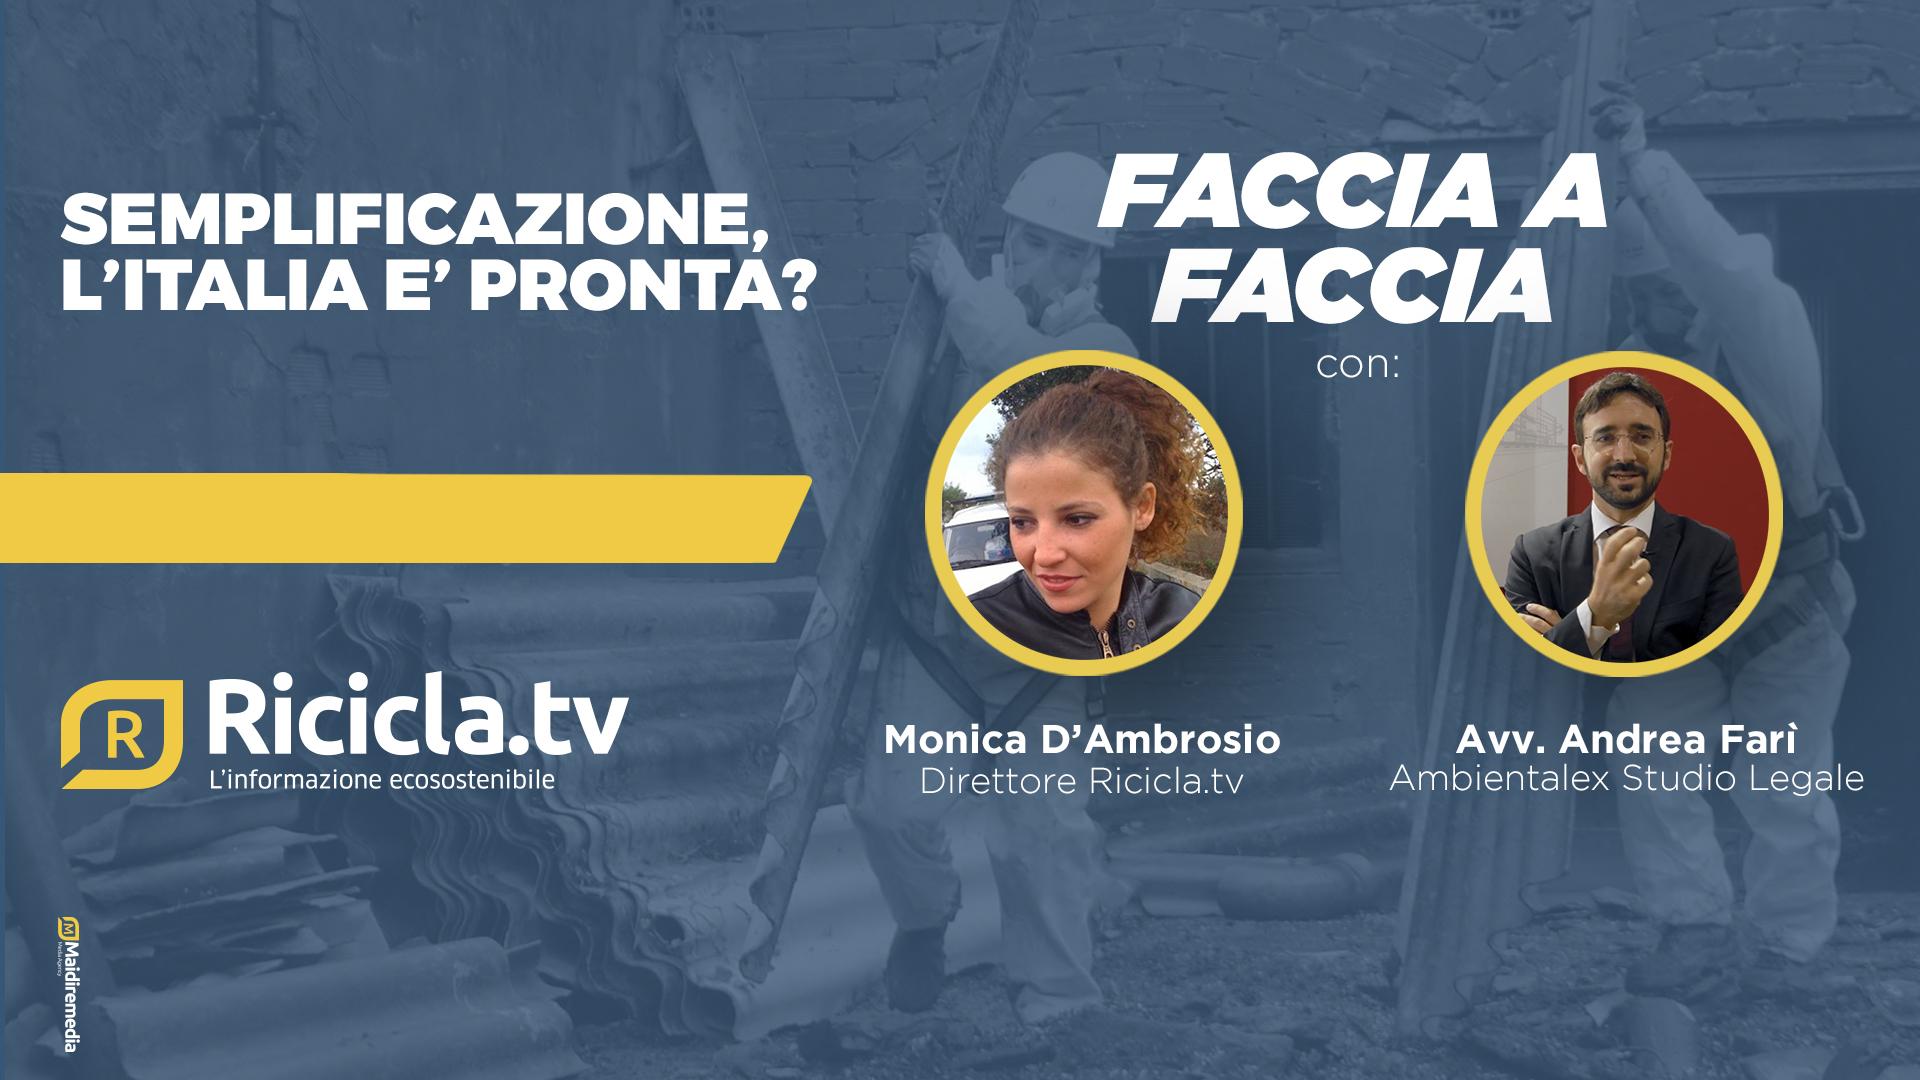 SEMPLIFICAZIONE, L'ITALIA E' PRONTA?